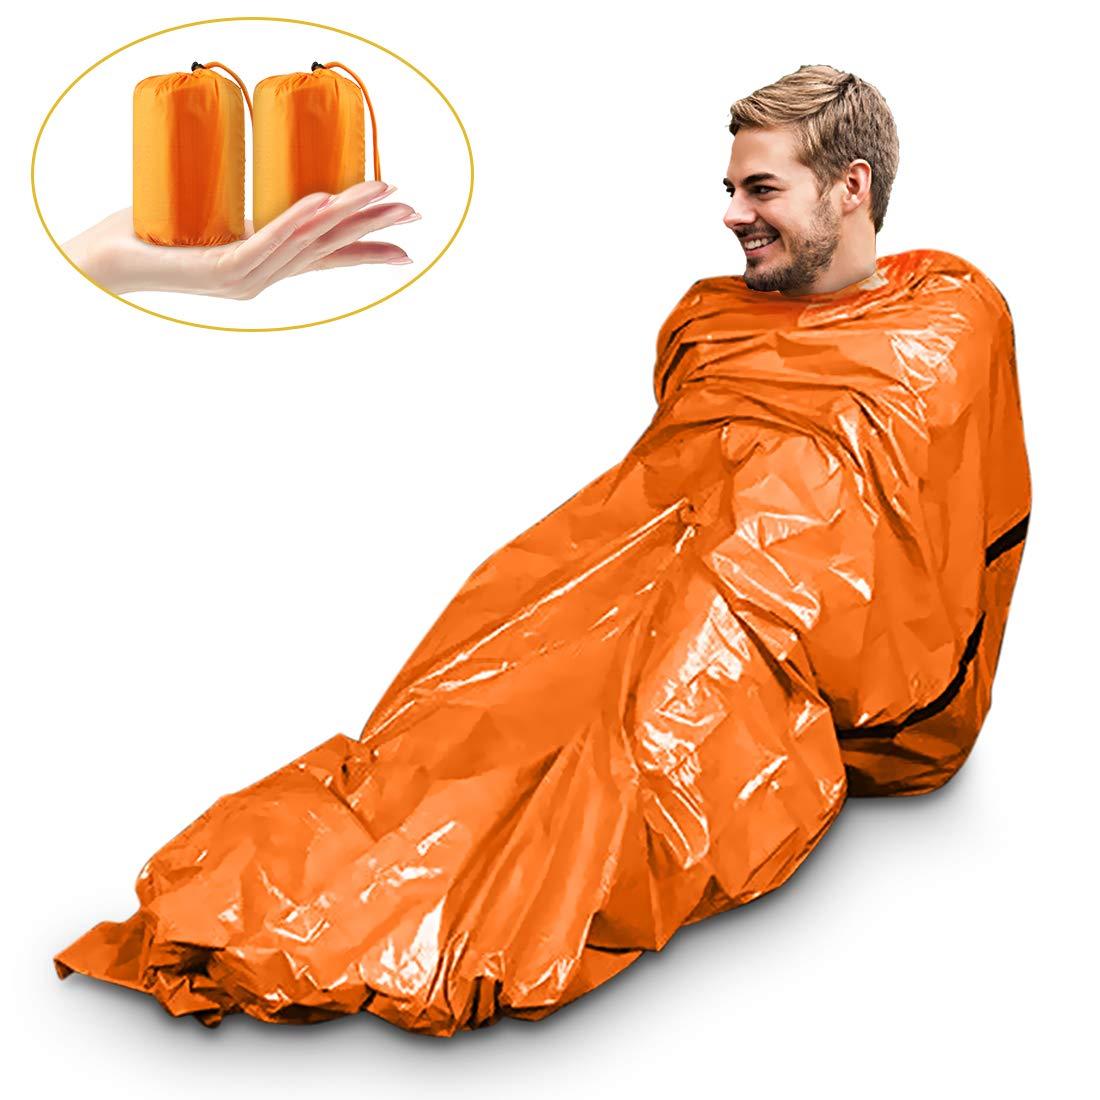 Magicfun Paquet de 2 Sac de Couchage de Survie - Couverture de Survie d'Urgence - Isolation Thermique – Couleur Orange Vif extérieur, Doublure réfléchissante intérieur Doublure réfléchissante intérieur